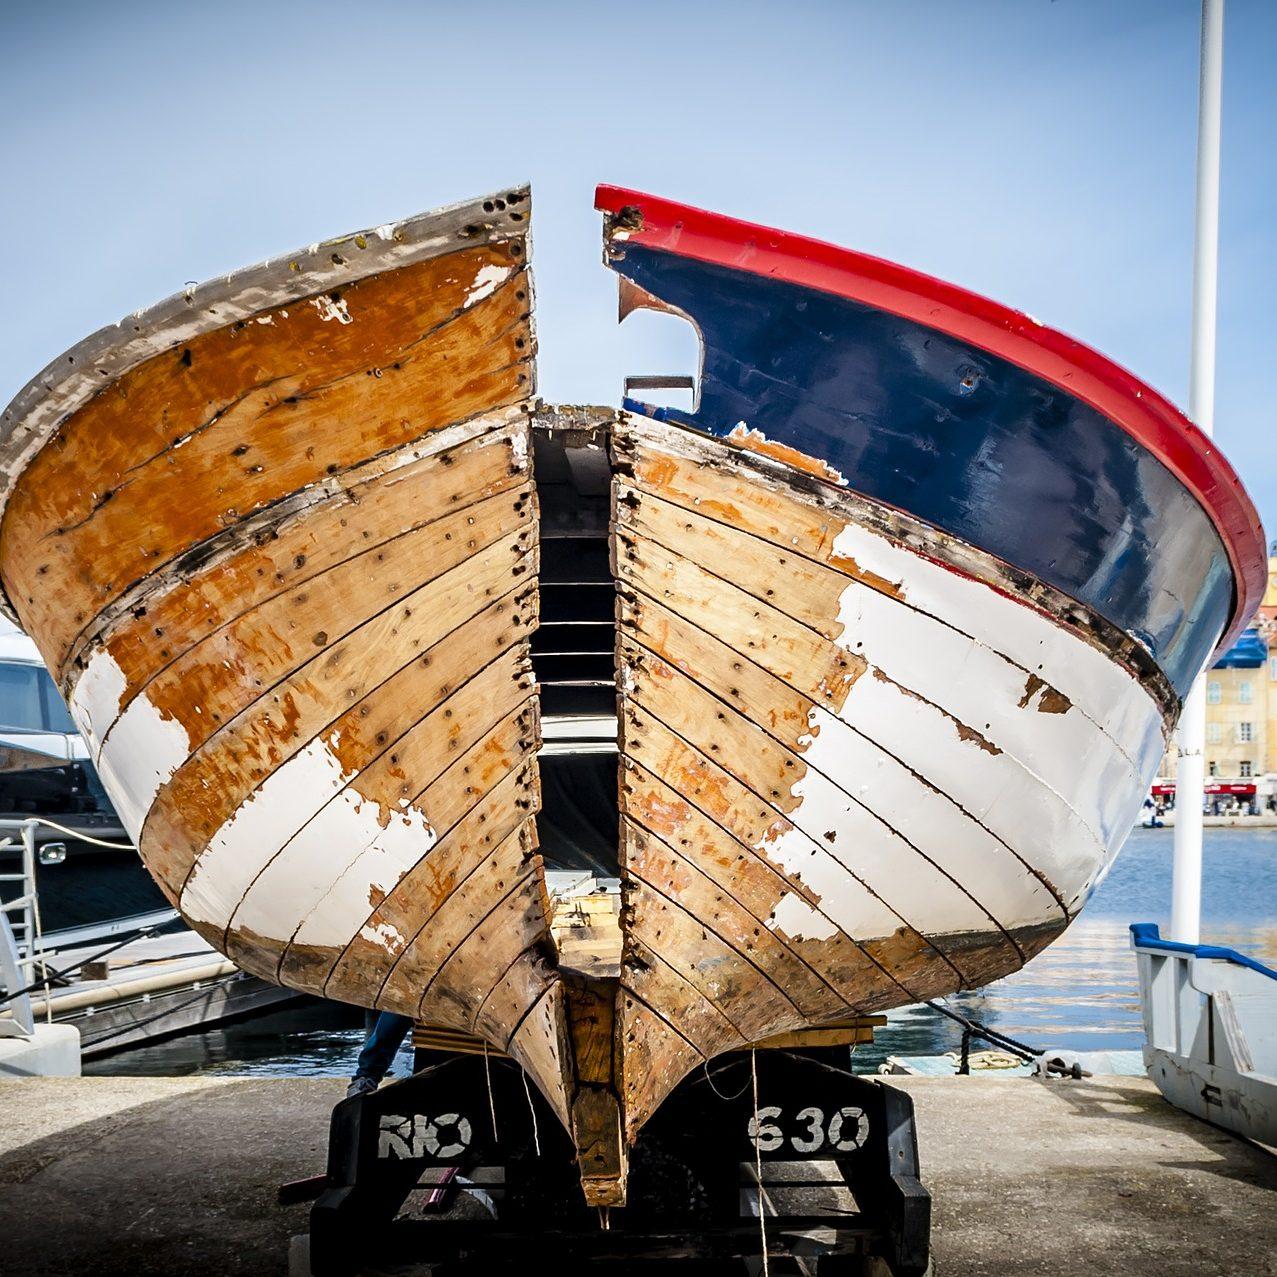 Réparation bateaux et moteurs marins